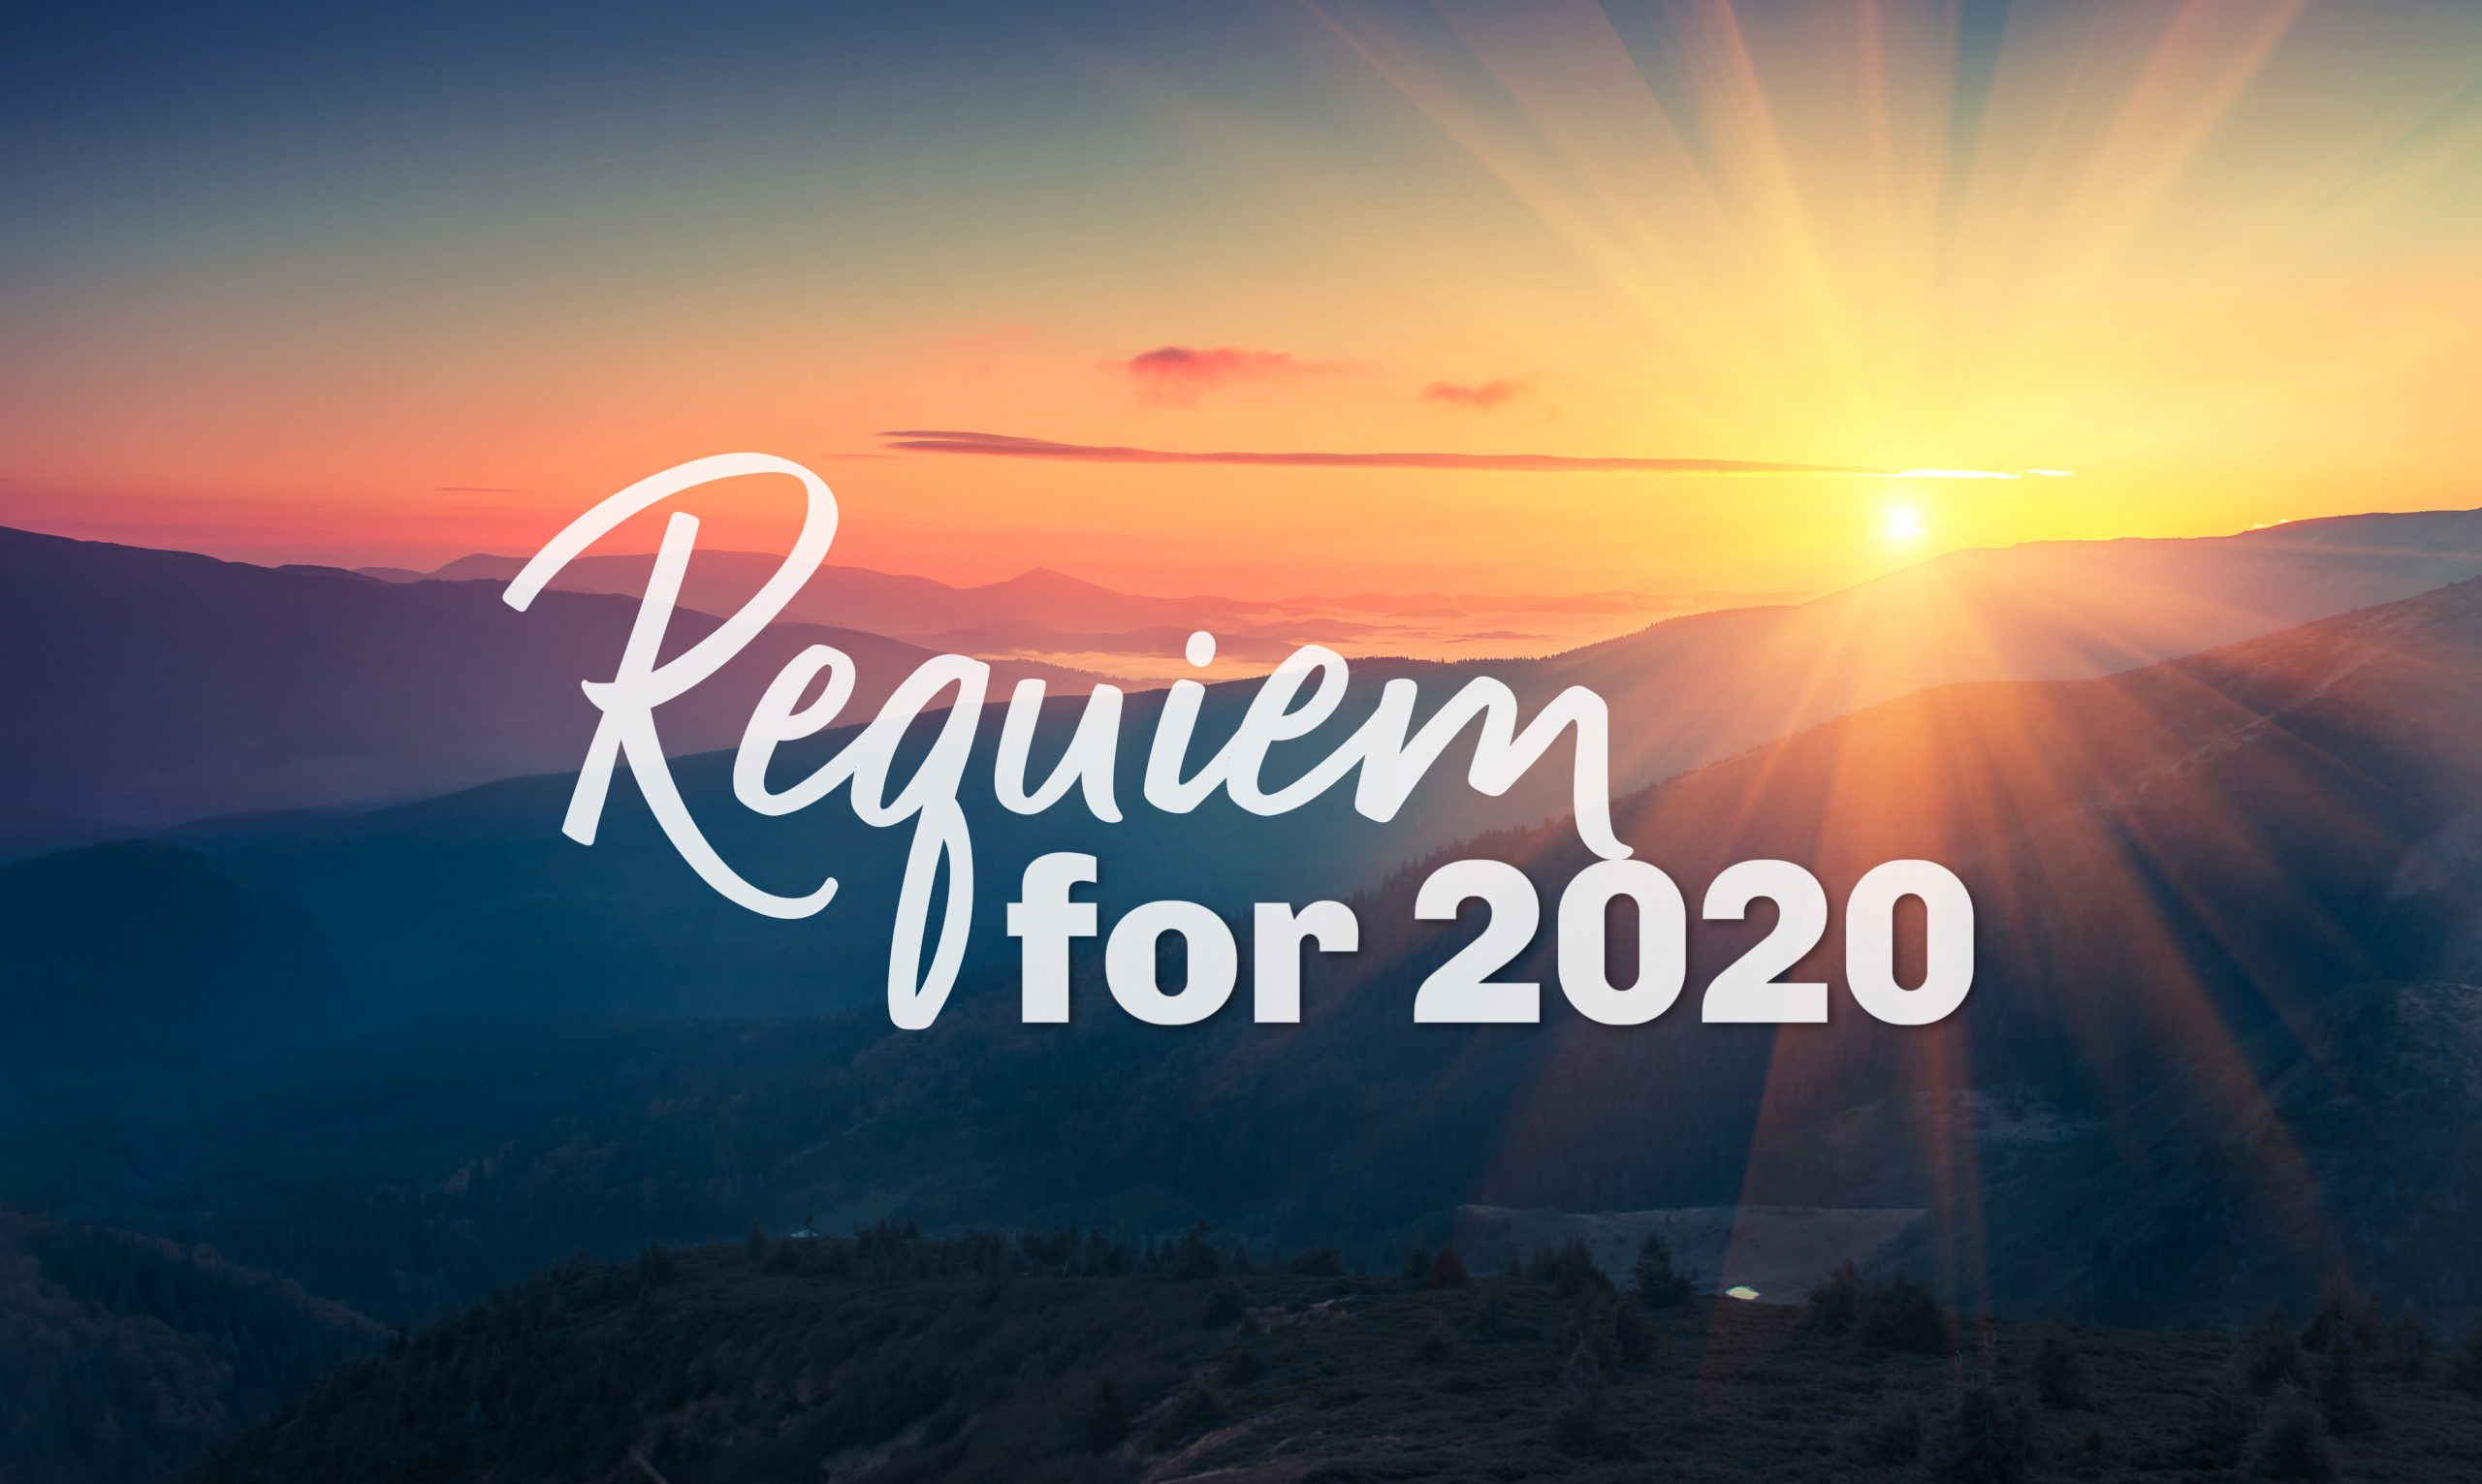 A Requiem for 2020